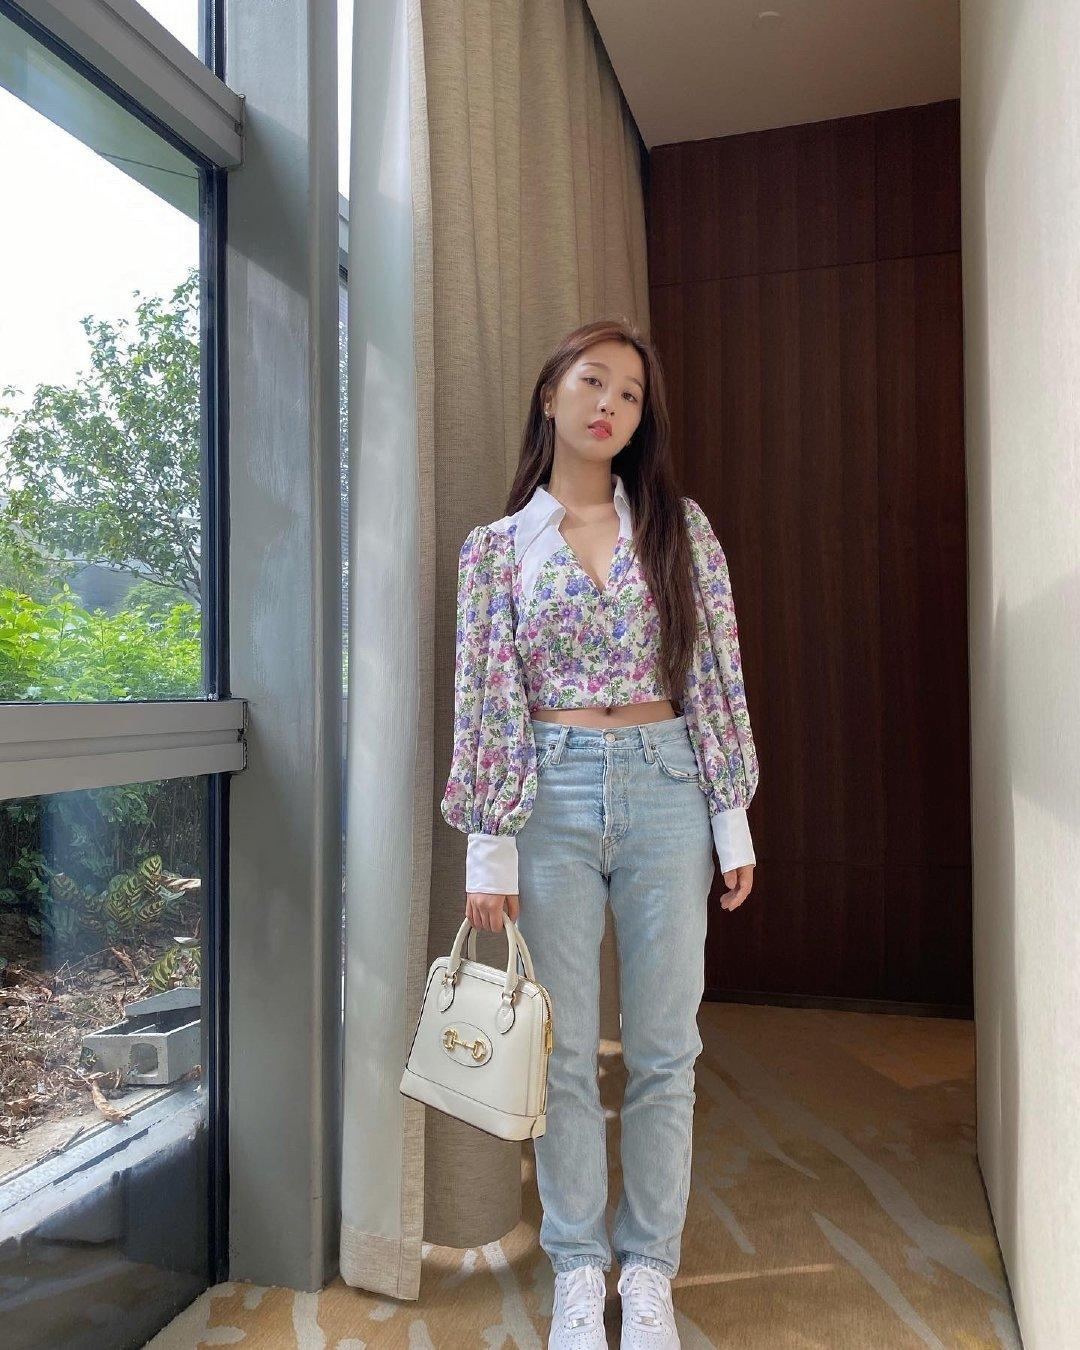 """郭碧婷才是""""妈妈圈""""最时髦的,条纹衬衫配棕色阔腿裤,又飒又美"""